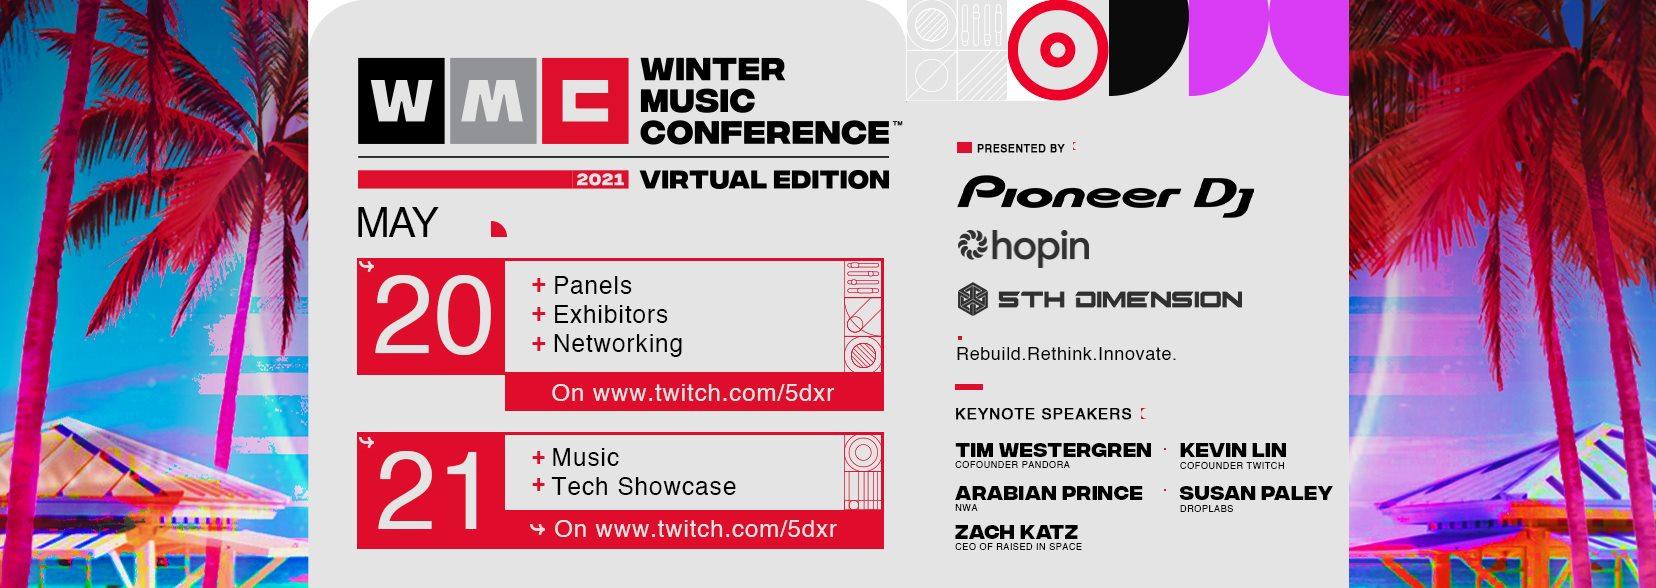 Winter Music Conference Miami Florida Festival 2021